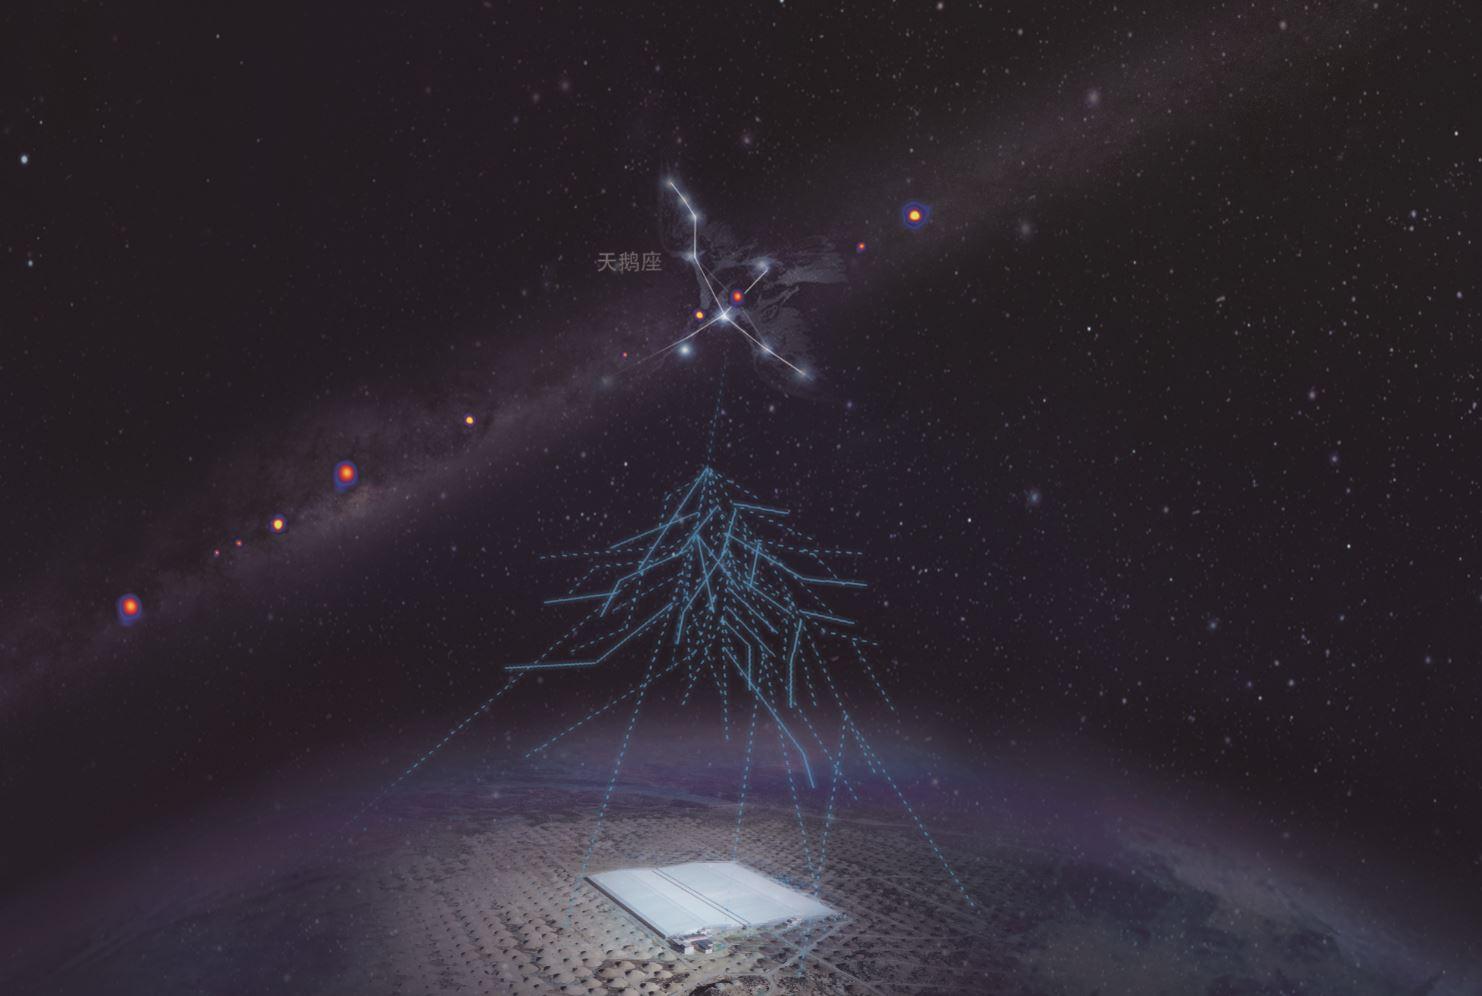 """迄今最高能量光子发现!中国""""拉索""""项目新发现开启超高能伽马天文学时代"""